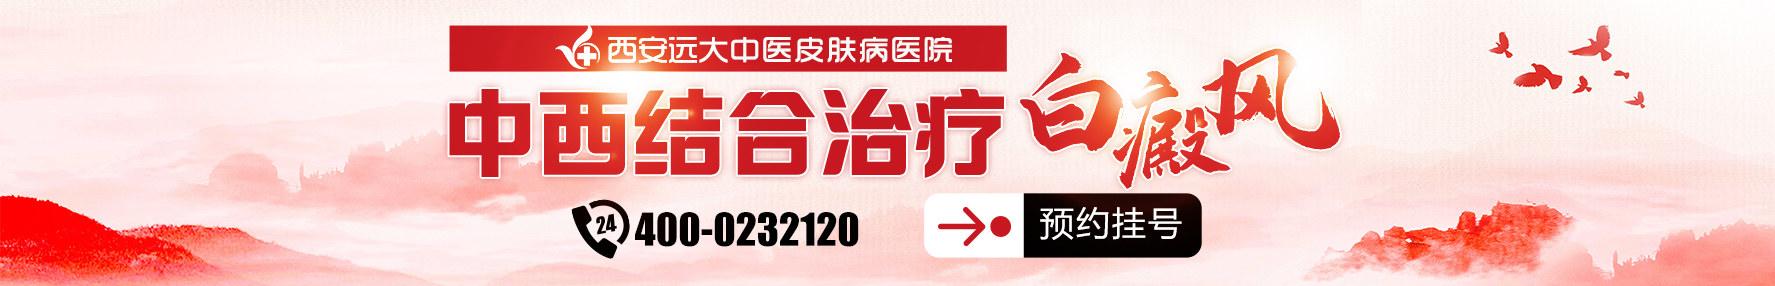 西安白癜风治疗医院